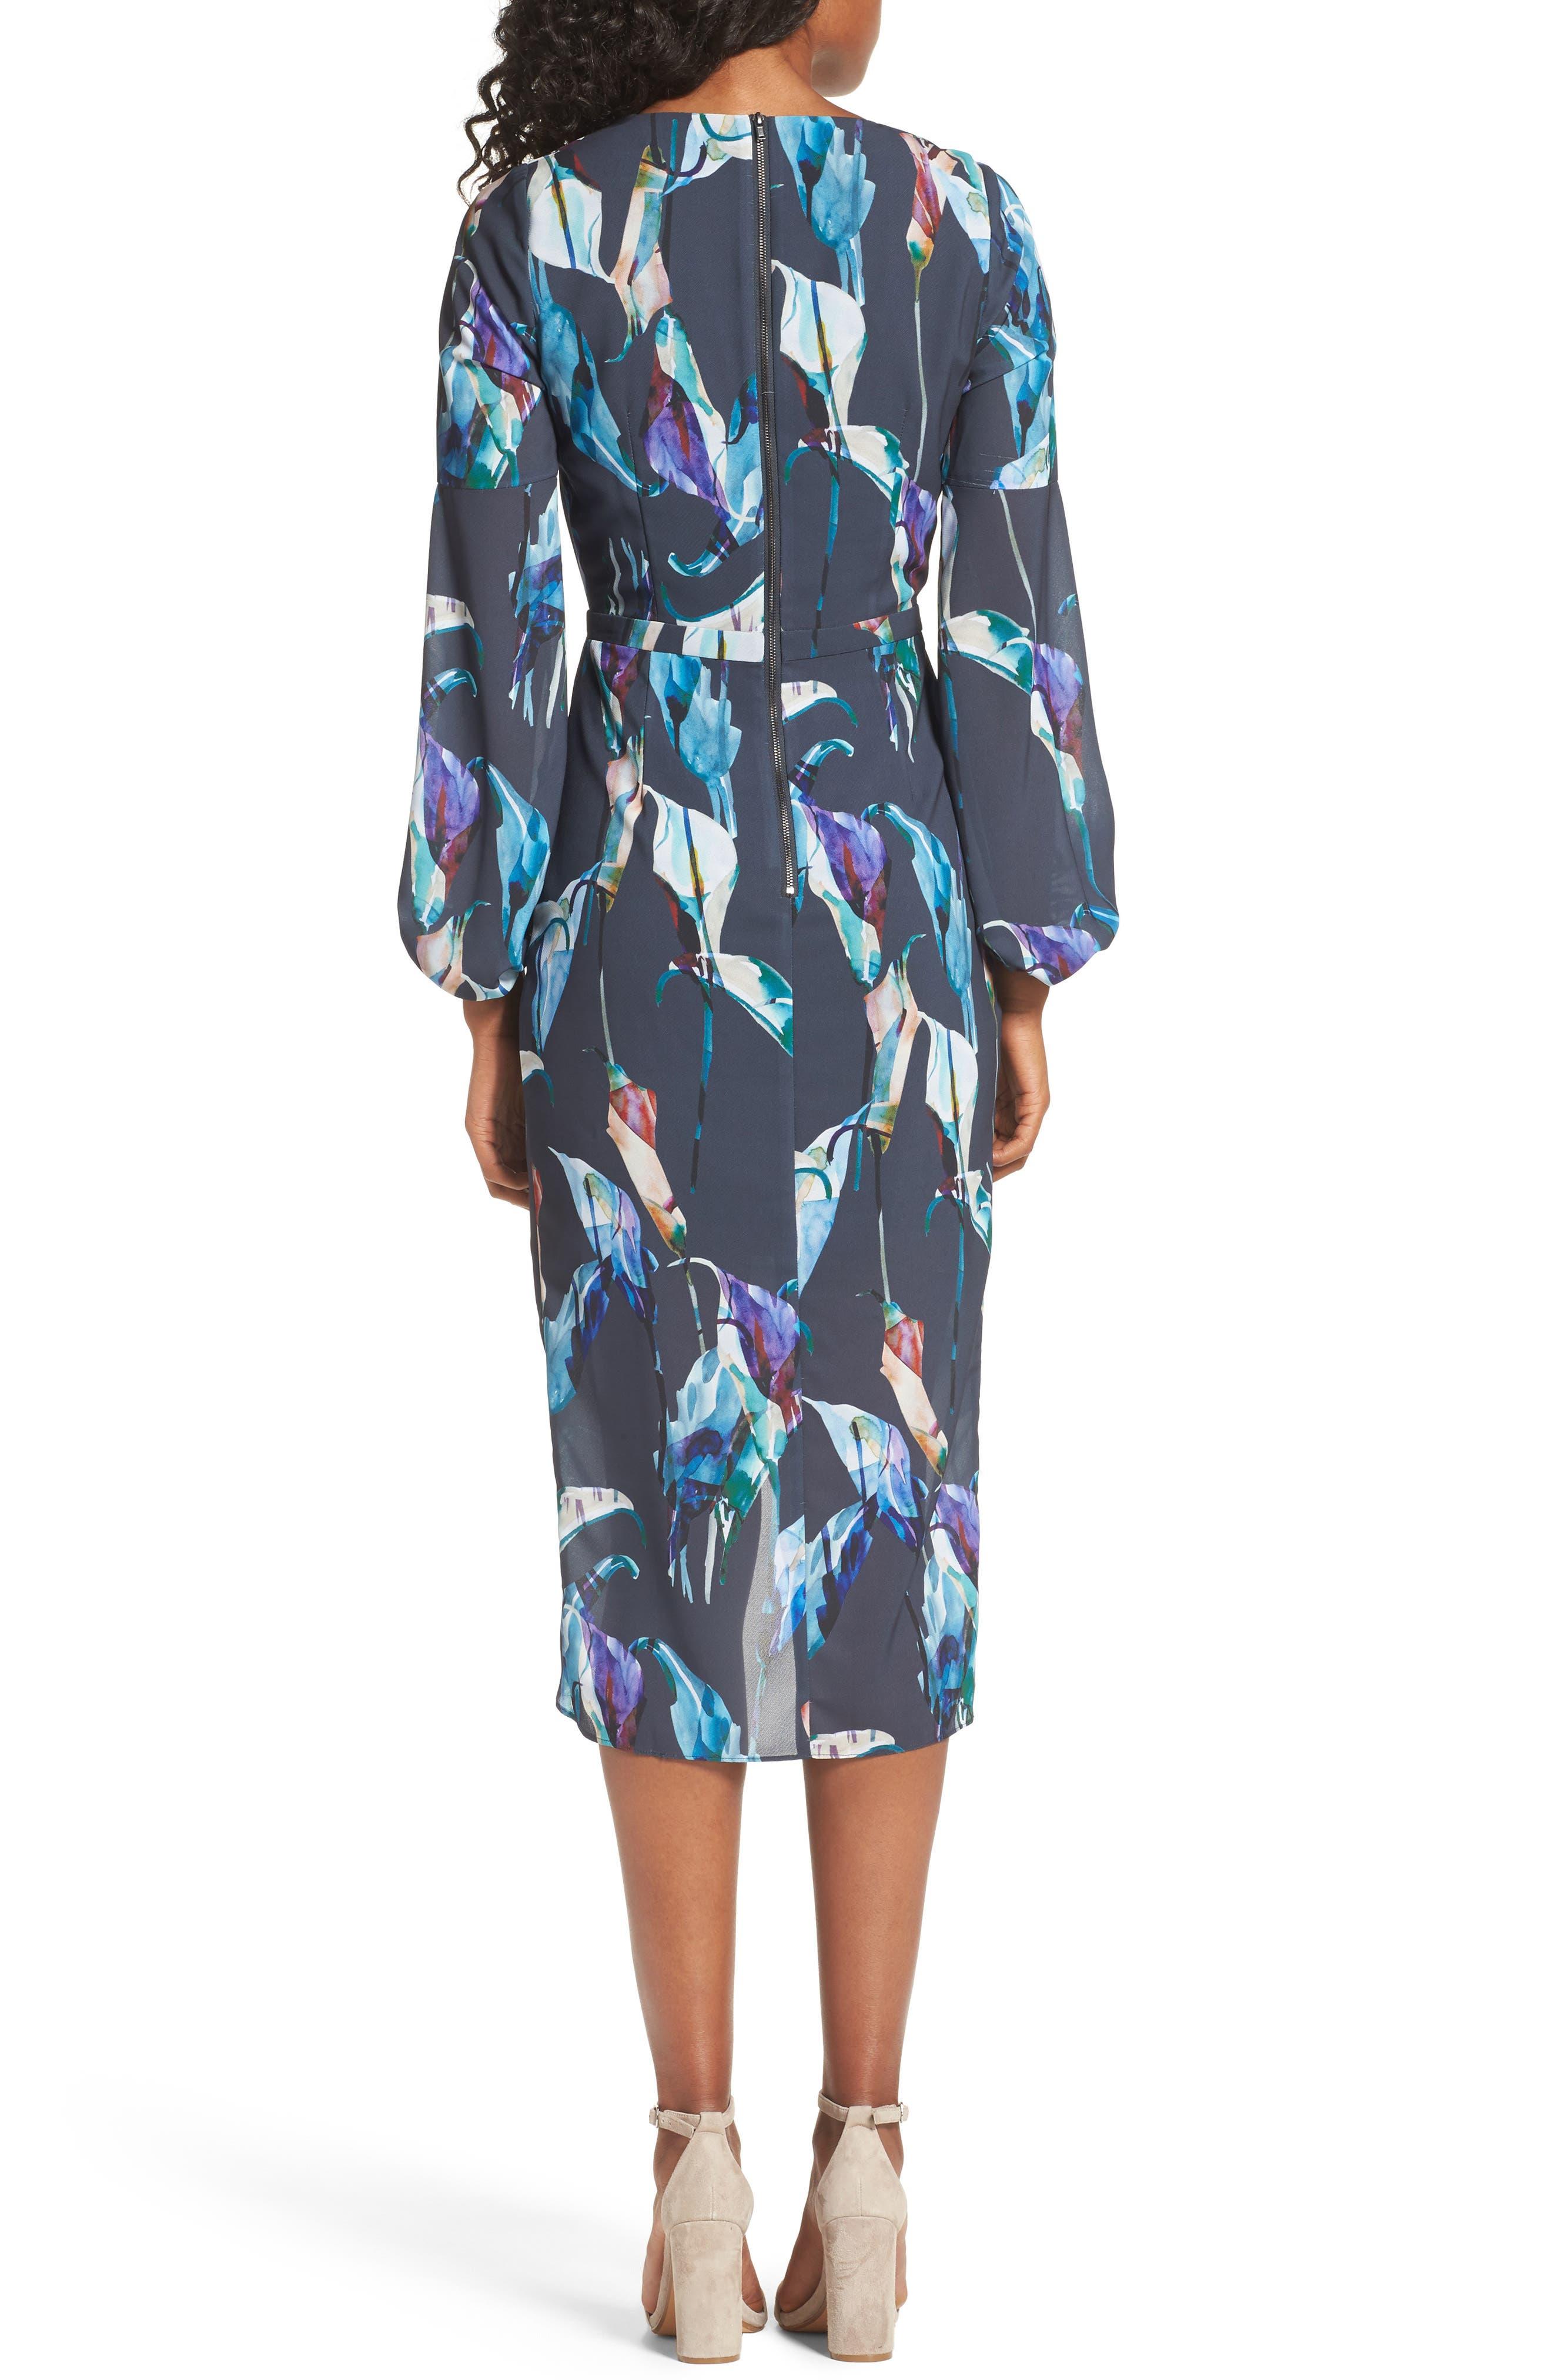 Romanticise Midi Dress,                             Alternate thumbnail 2, color,                             Black/ Aqua